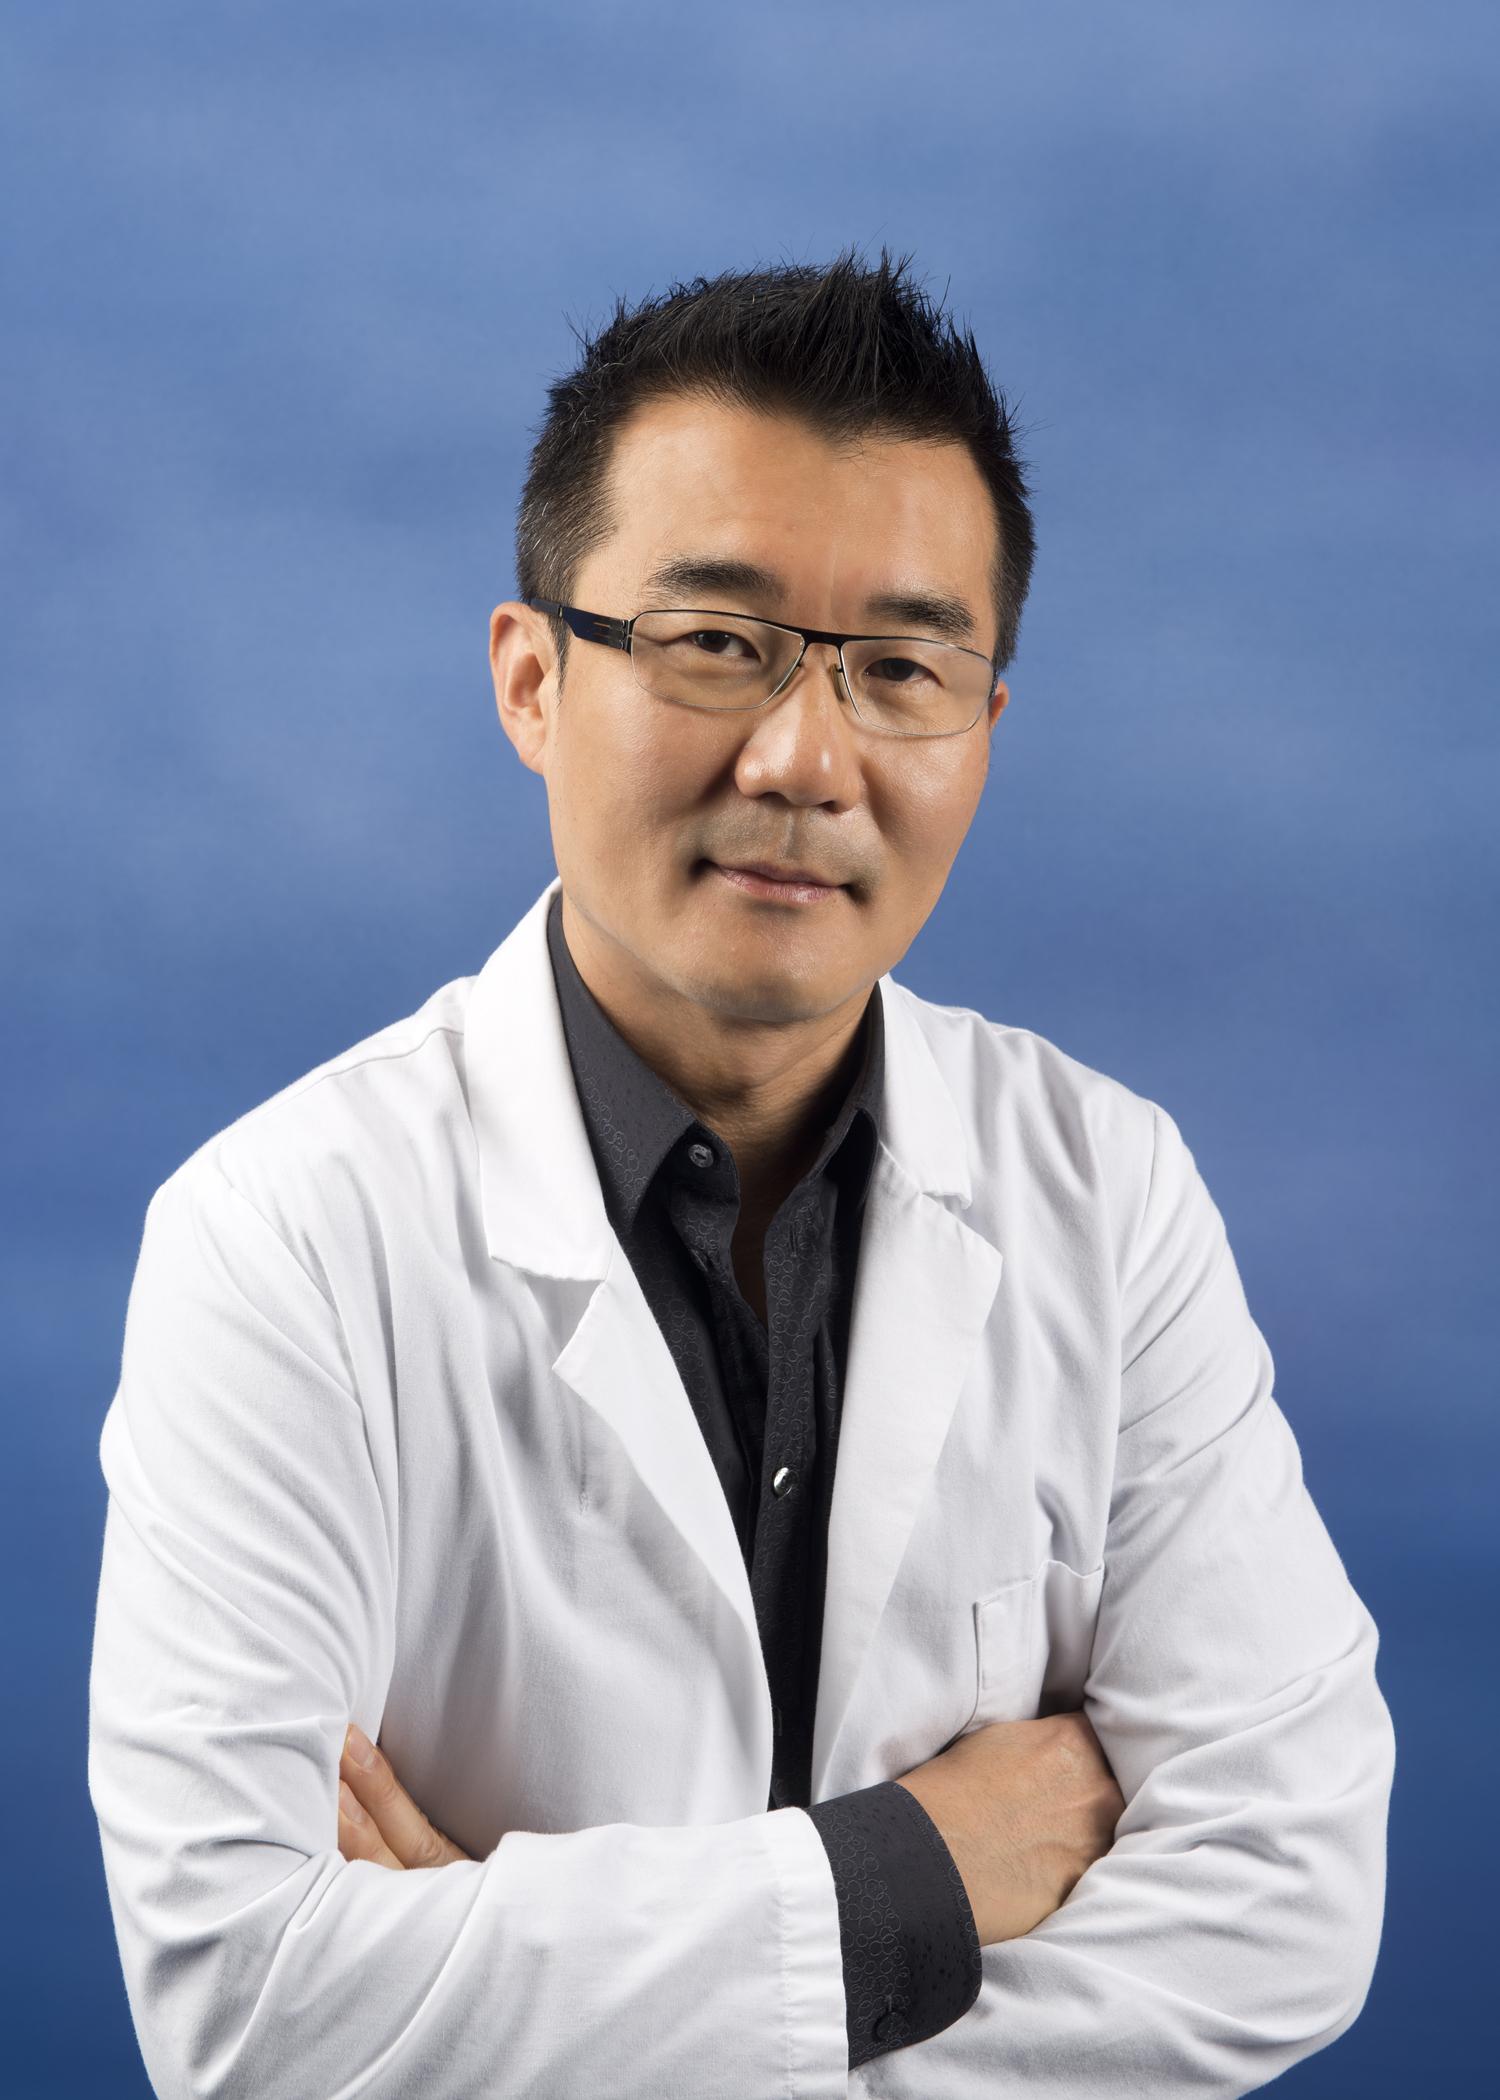 Dr. Huh